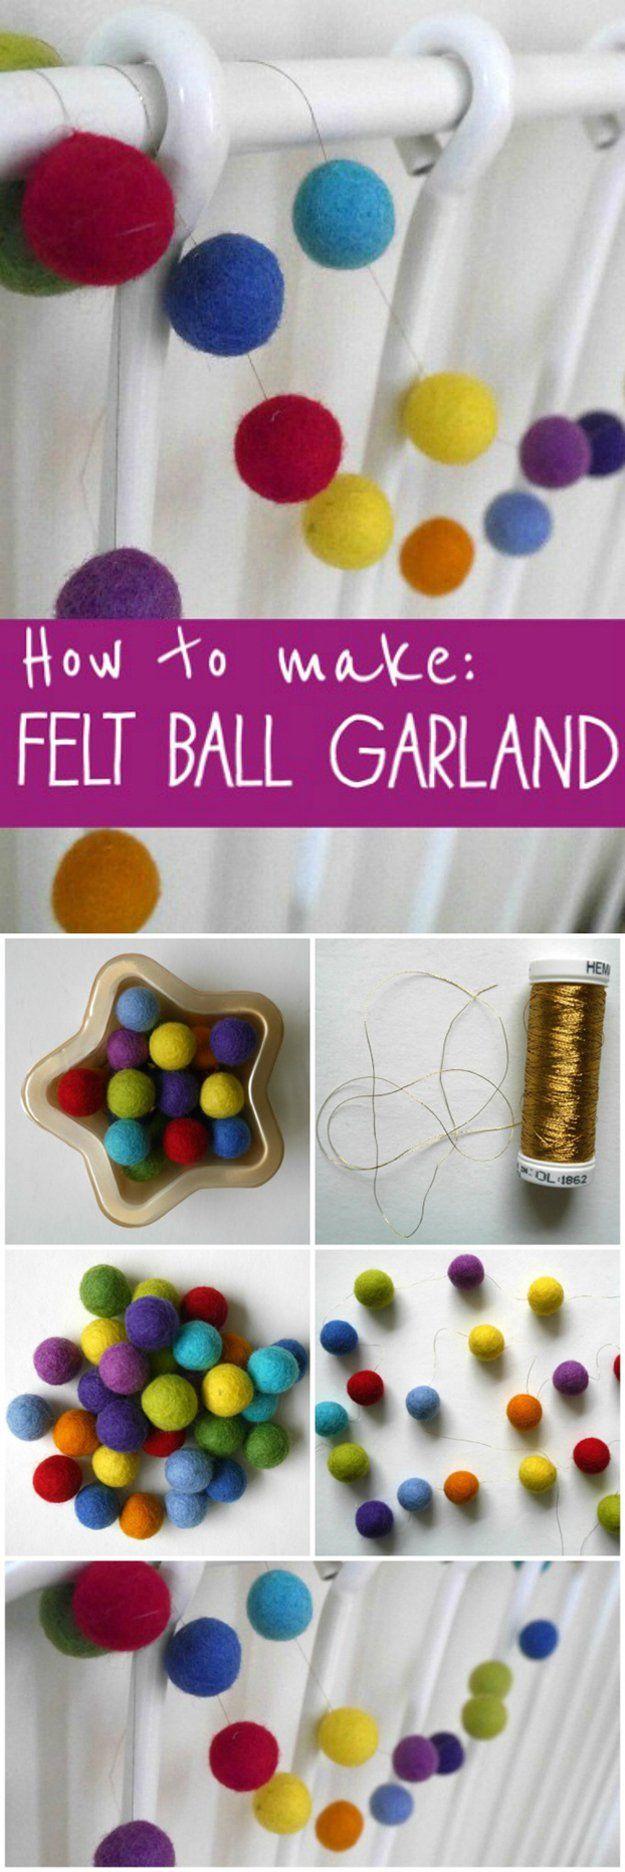 Cómo hacer un DIY fieltro Bola Garland | http://artesaniasdebricolaje.ru/diy-projects-with-felt-balls/